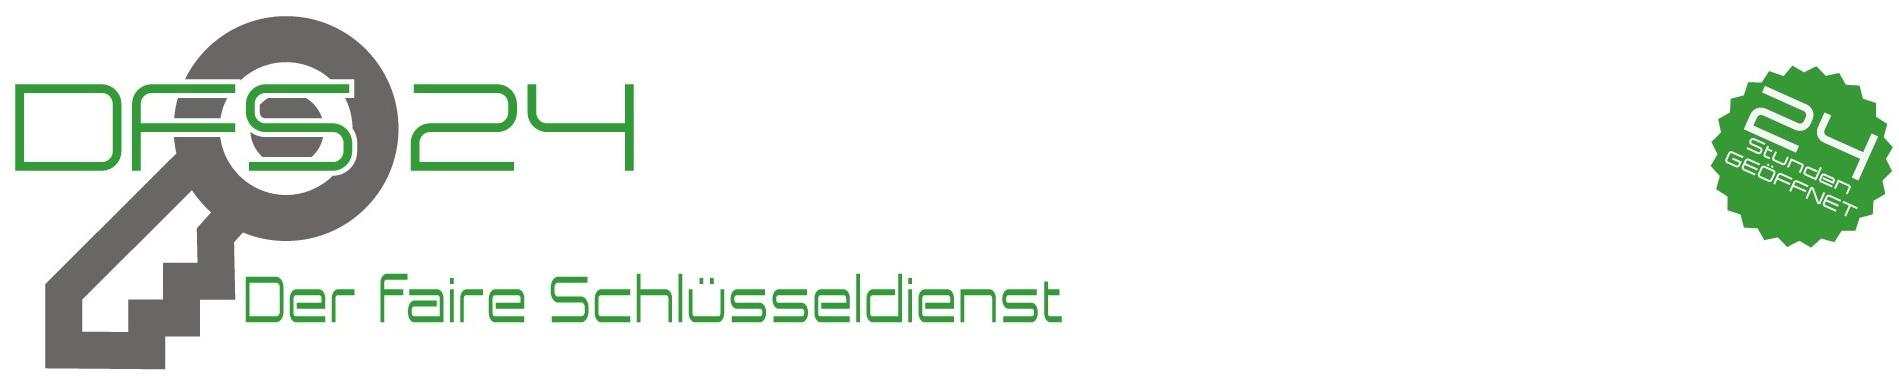 schlüsseldienst hünxe logo